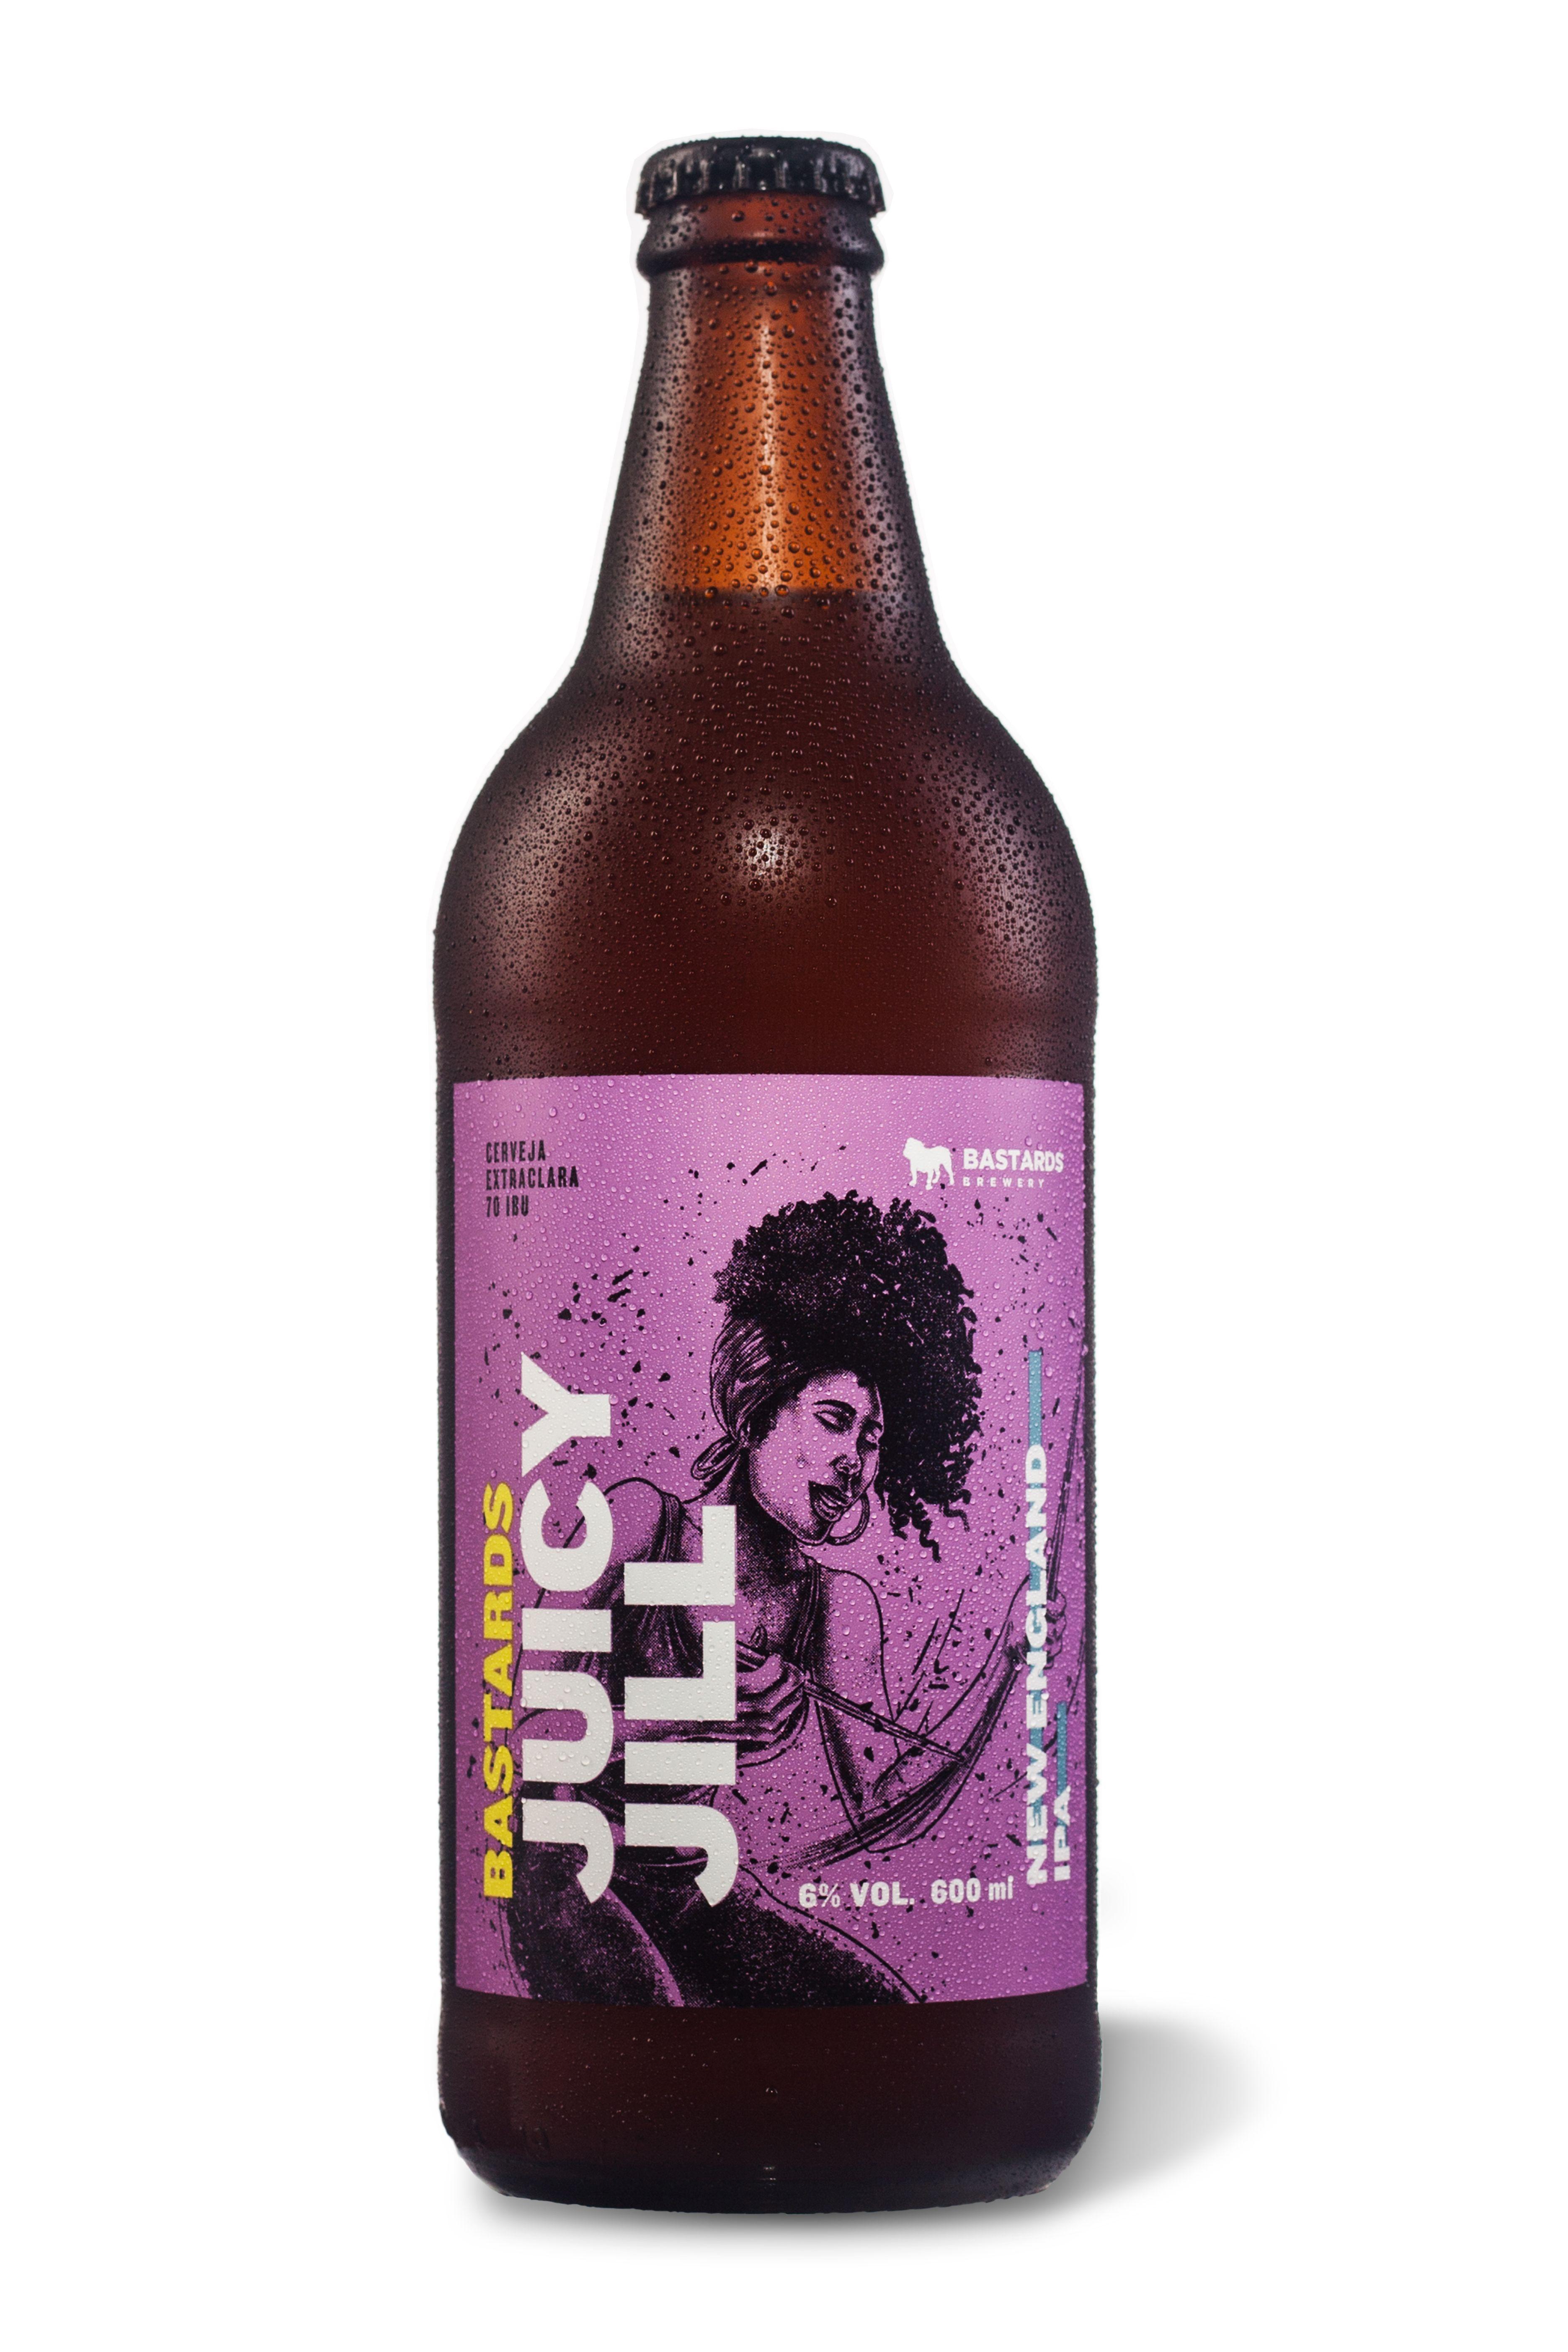 Juicy Jill - NE IPA - 600ml